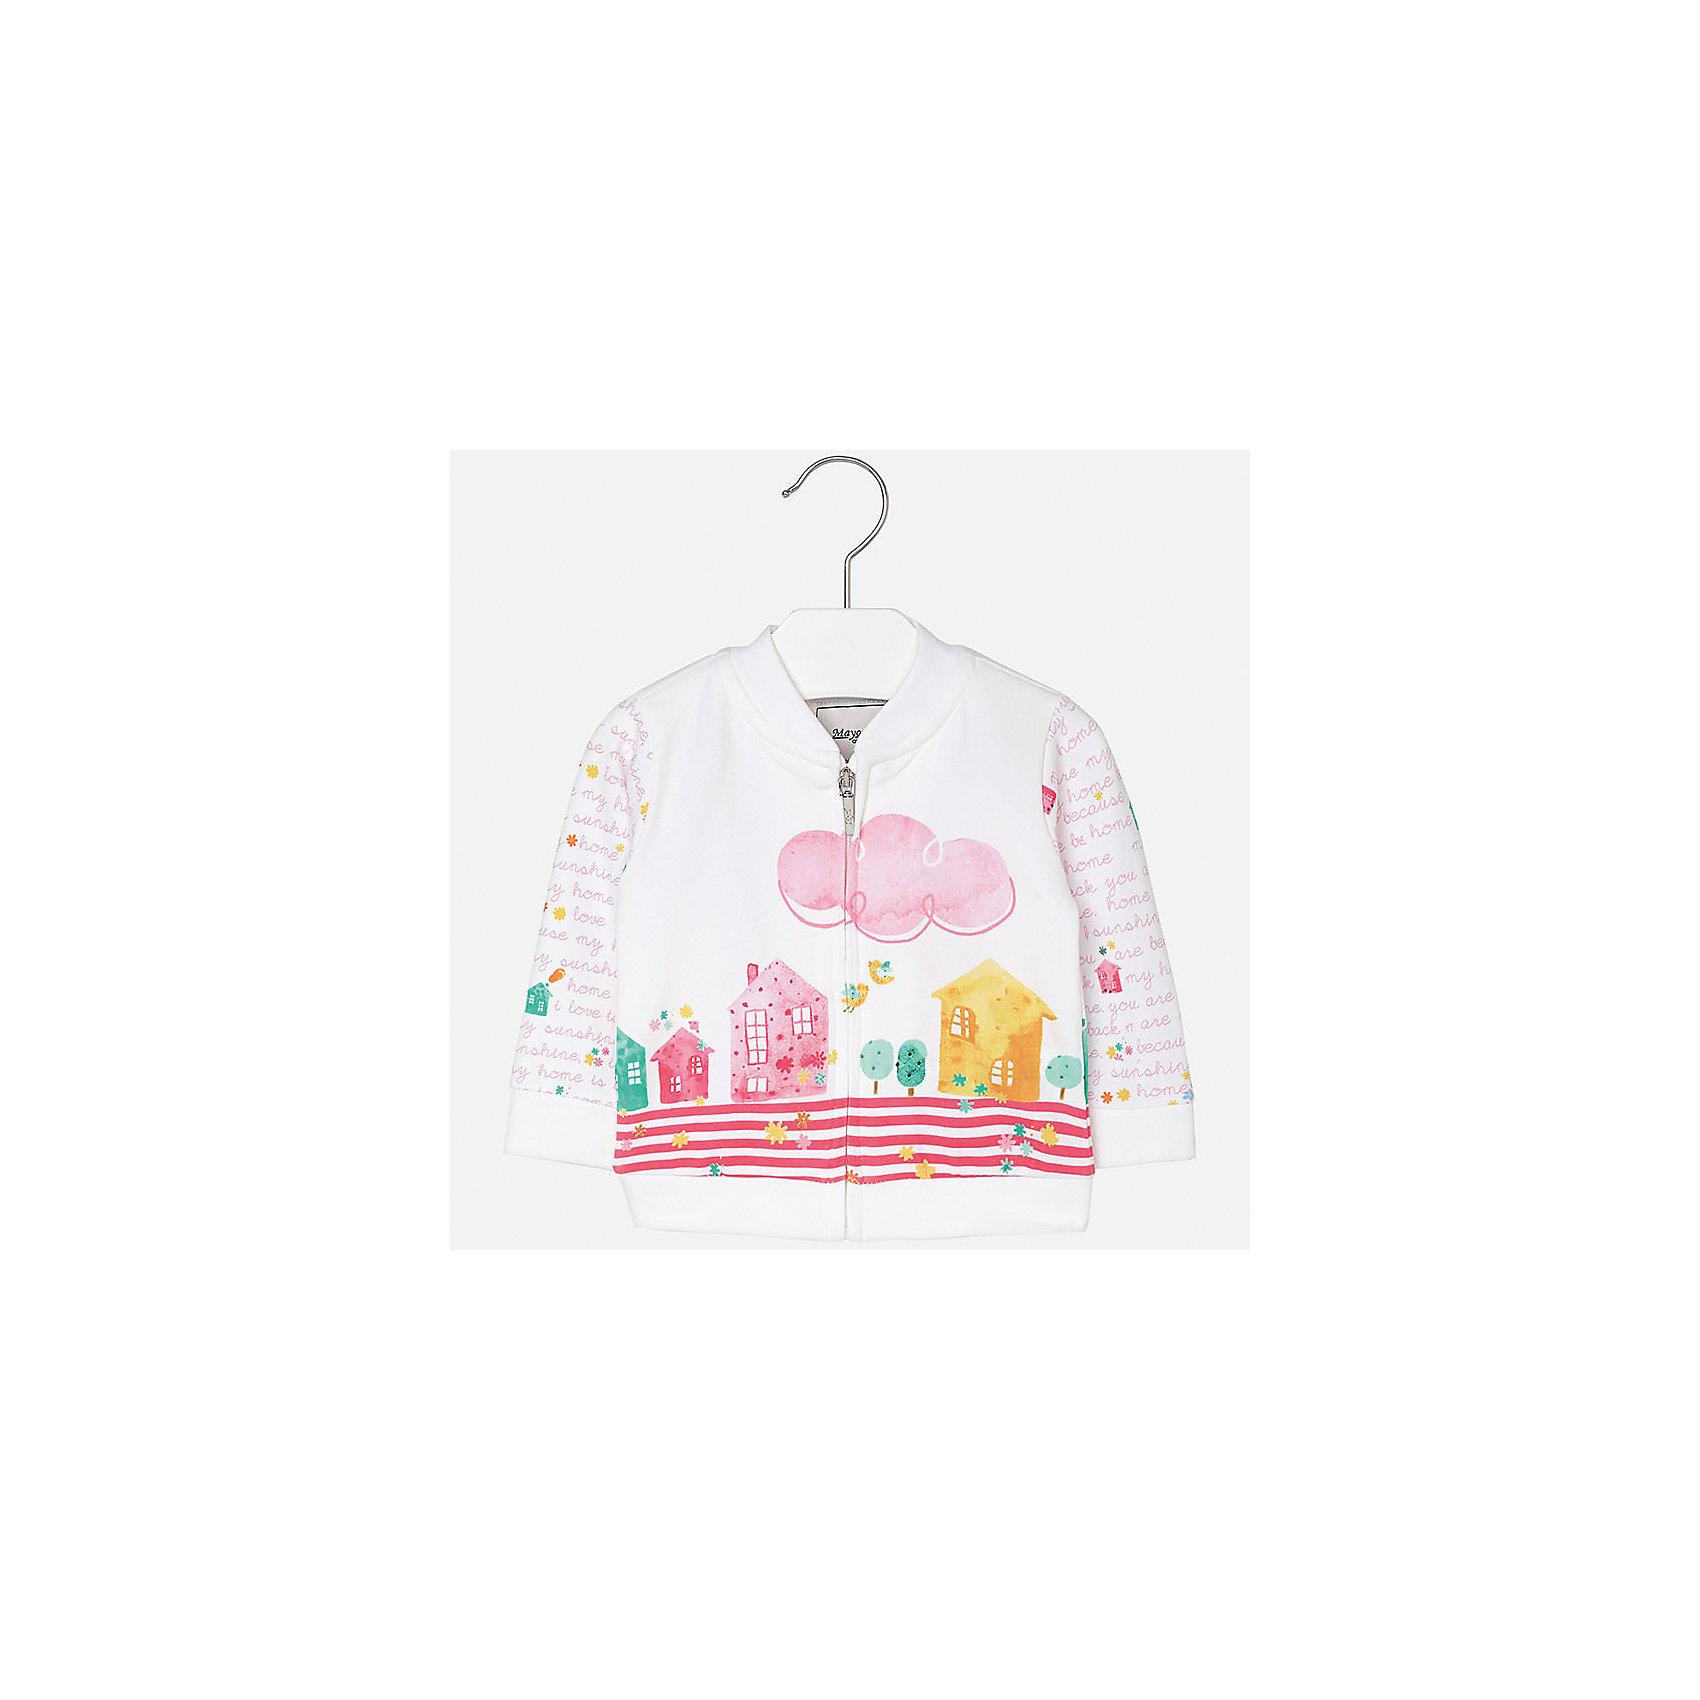 Куртка для девочки MayoralХарактеристики товара:<br><br>• цвет: белый<br>• состав: 95% хлопок, 5% эластан<br>• застежка: молния<br>• декорирована принтом<br>• манжеты<br>• длинные рукава<br>• страна бренда: Испания<br><br>Симпатичная куртка для девочки поможет разнообразить гардероб ребенка и украсить наряд. Она отлично сочетается и с юбками, и с шортами, и с брюками. Универсальный цвет позволяет подобрать к вещи низ практически любой расцветки. Интересная отделка модели делает её нарядной и оригинальной. В составе материала - натуральный хлопок, гипоаллергенный, приятный на ощупь, дышащий.<br><br>Одежда, обувь и аксессуары от испанского бренда Mayoral полюбились детям и взрослым по всему миру. Модели этой марки - стильные и удобные. Для их производства используются только безопасные, качественные материалы и фурнитура. Порадуйте ребенка модными и красивыми вещами от Mayoral! <br><br>Куртку для девочки от испанского бренда Mayoral (Майорал) можно купить в нашем интернет-магазине.<br><br>Ширина мм: 356<br>Глубина мм: 10<br>Высота мм: 245<br>Вес г: 519<br>Цвет: розовый<br>Возраст от месяцев: 18<br>Возраст до месяцев: 24<br>Пол: Женский<br>Возраст: Детский<br>Размер: 92,74,80,86<br>SKU: 5288956